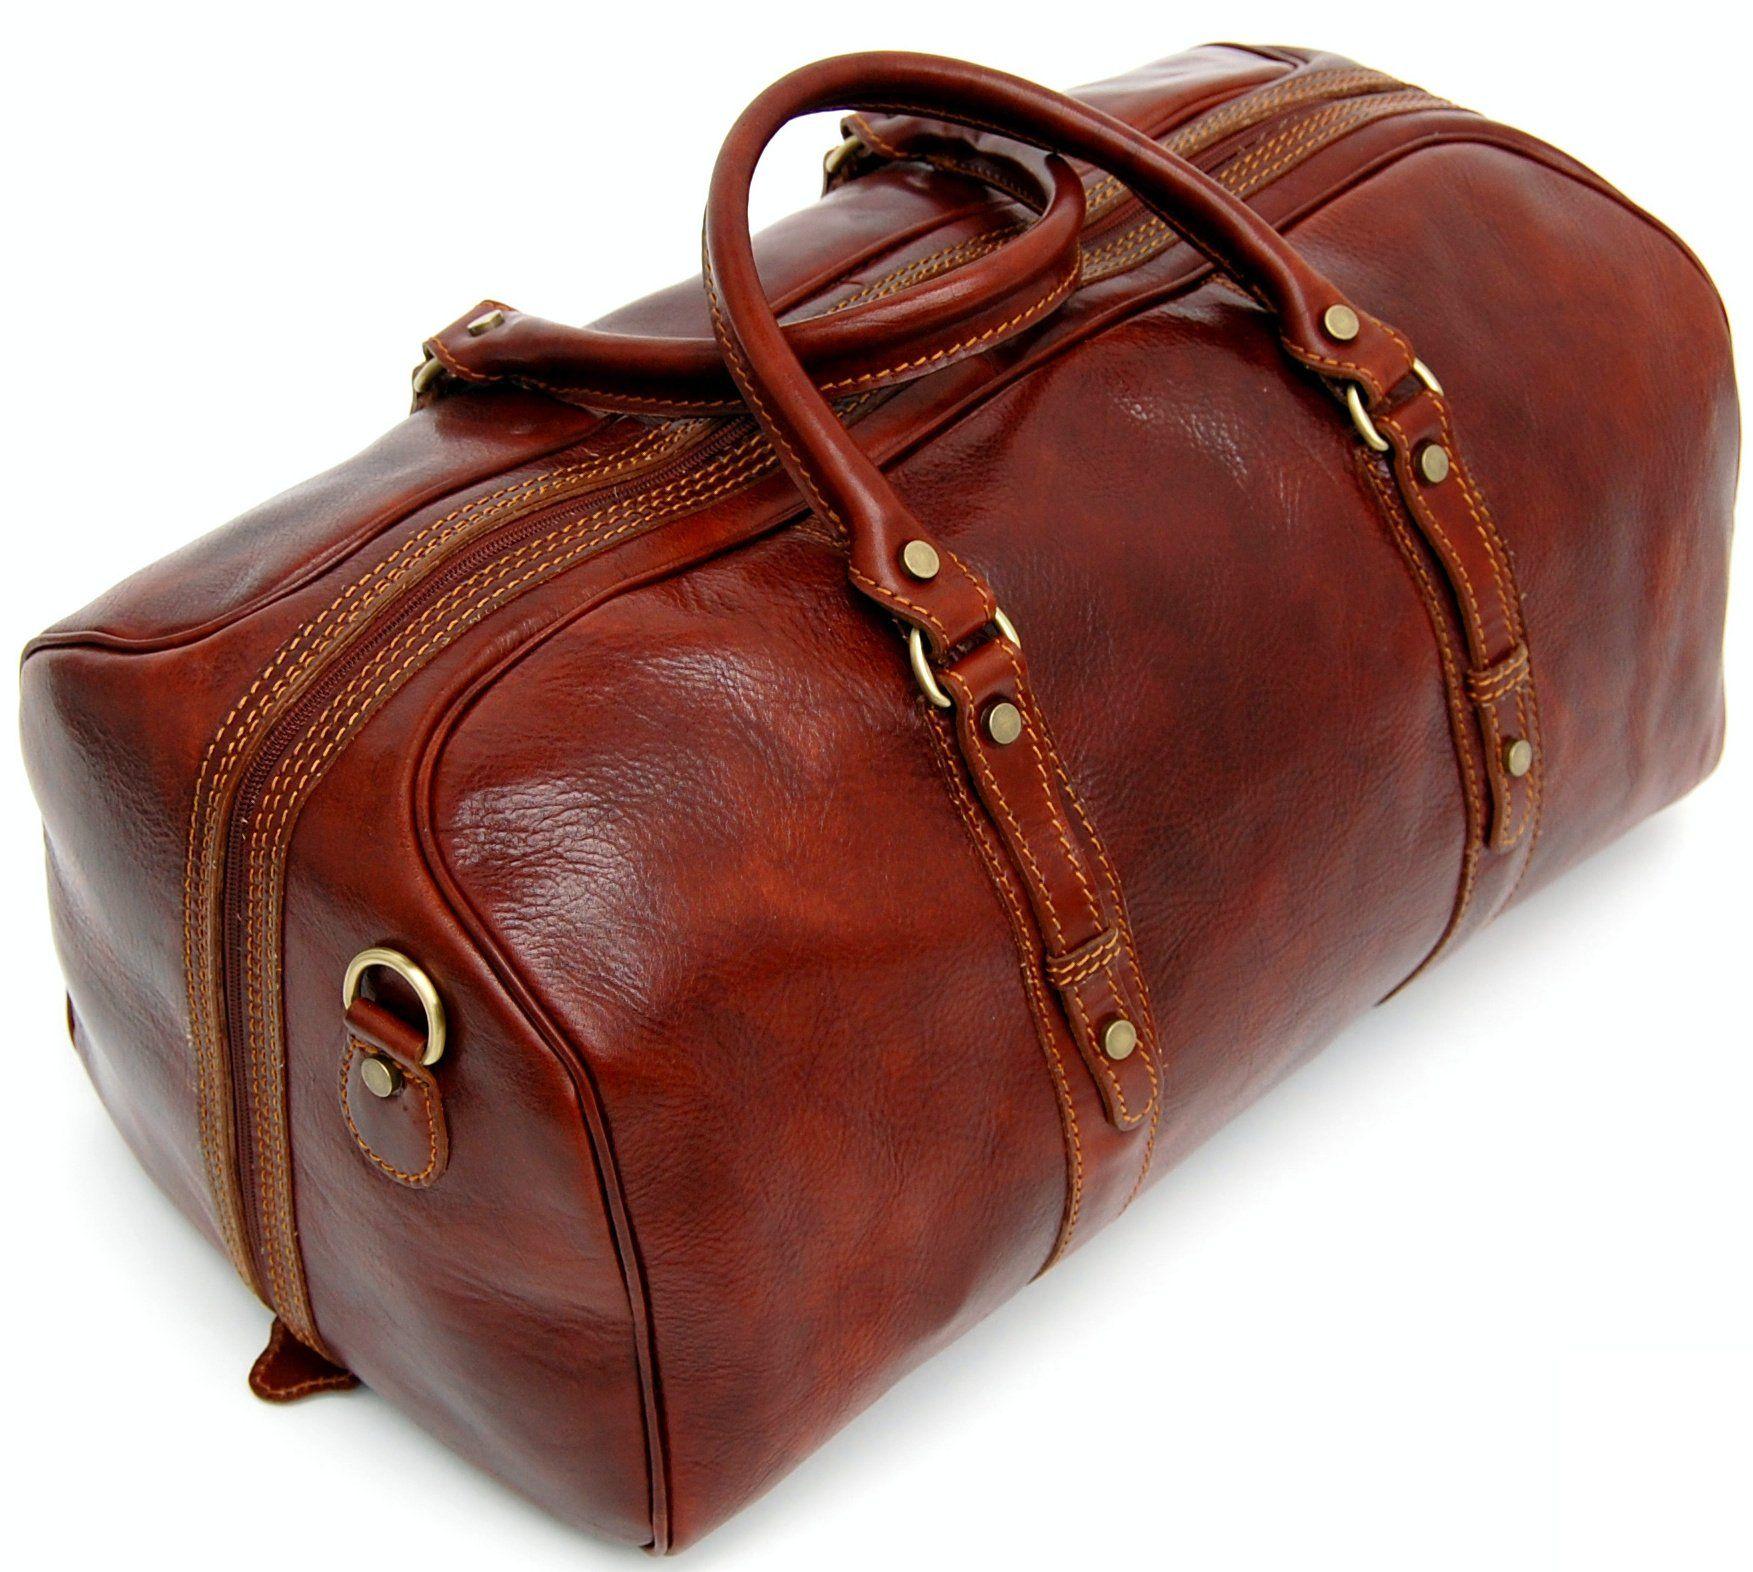 e33c317ddaf7 Genuine Italian Leather Holdall Cabin Bag Case Duffel Hand Luggage ...